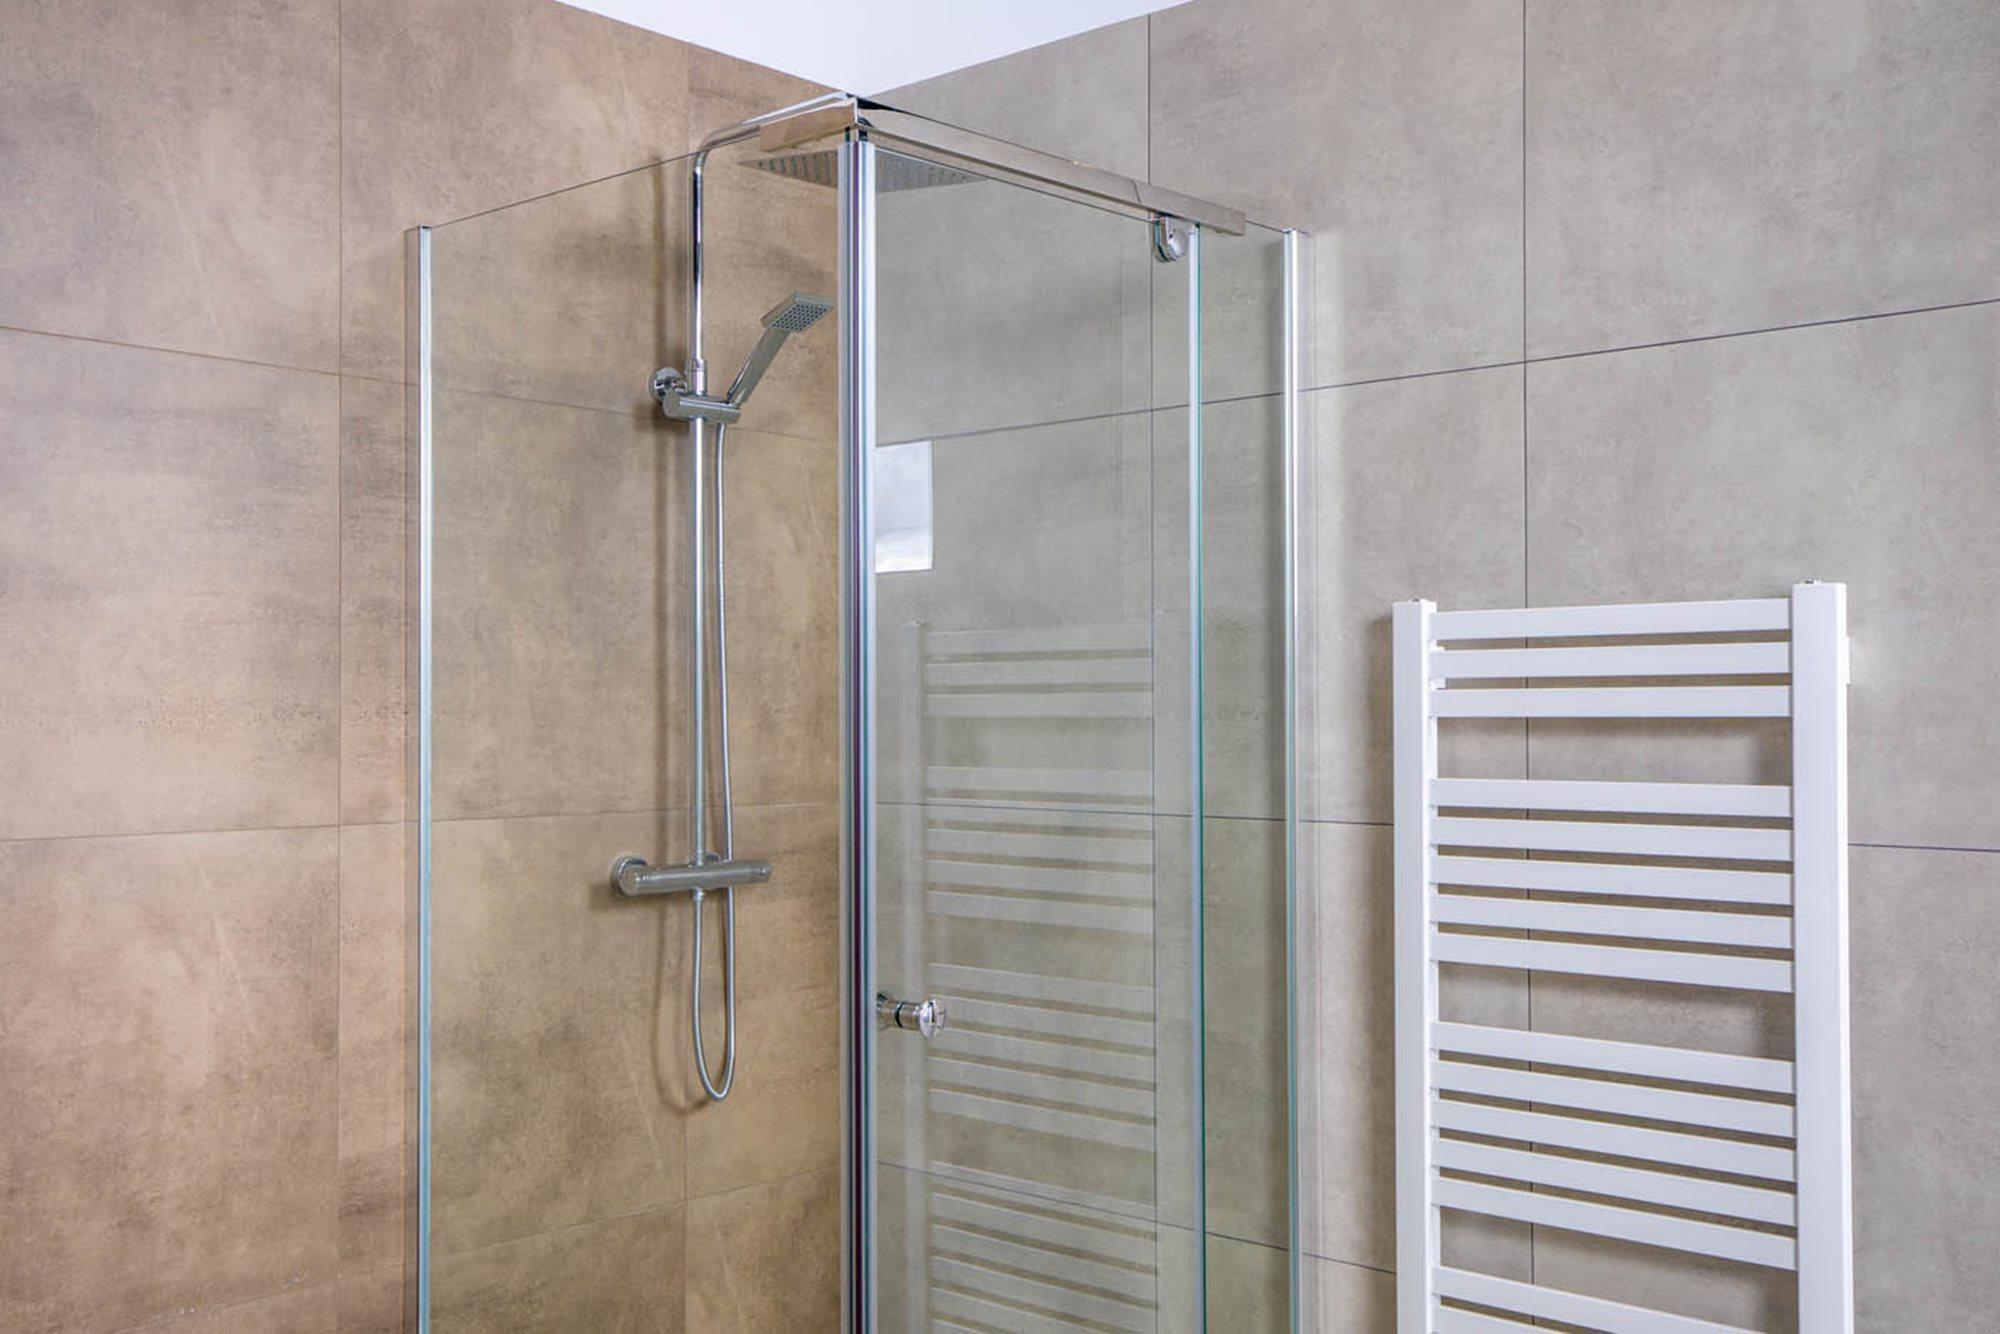 tips-douchecabine-kopen-witte-radiator-douchecabine-beige-tegels-chromen-douchekraan.jpg